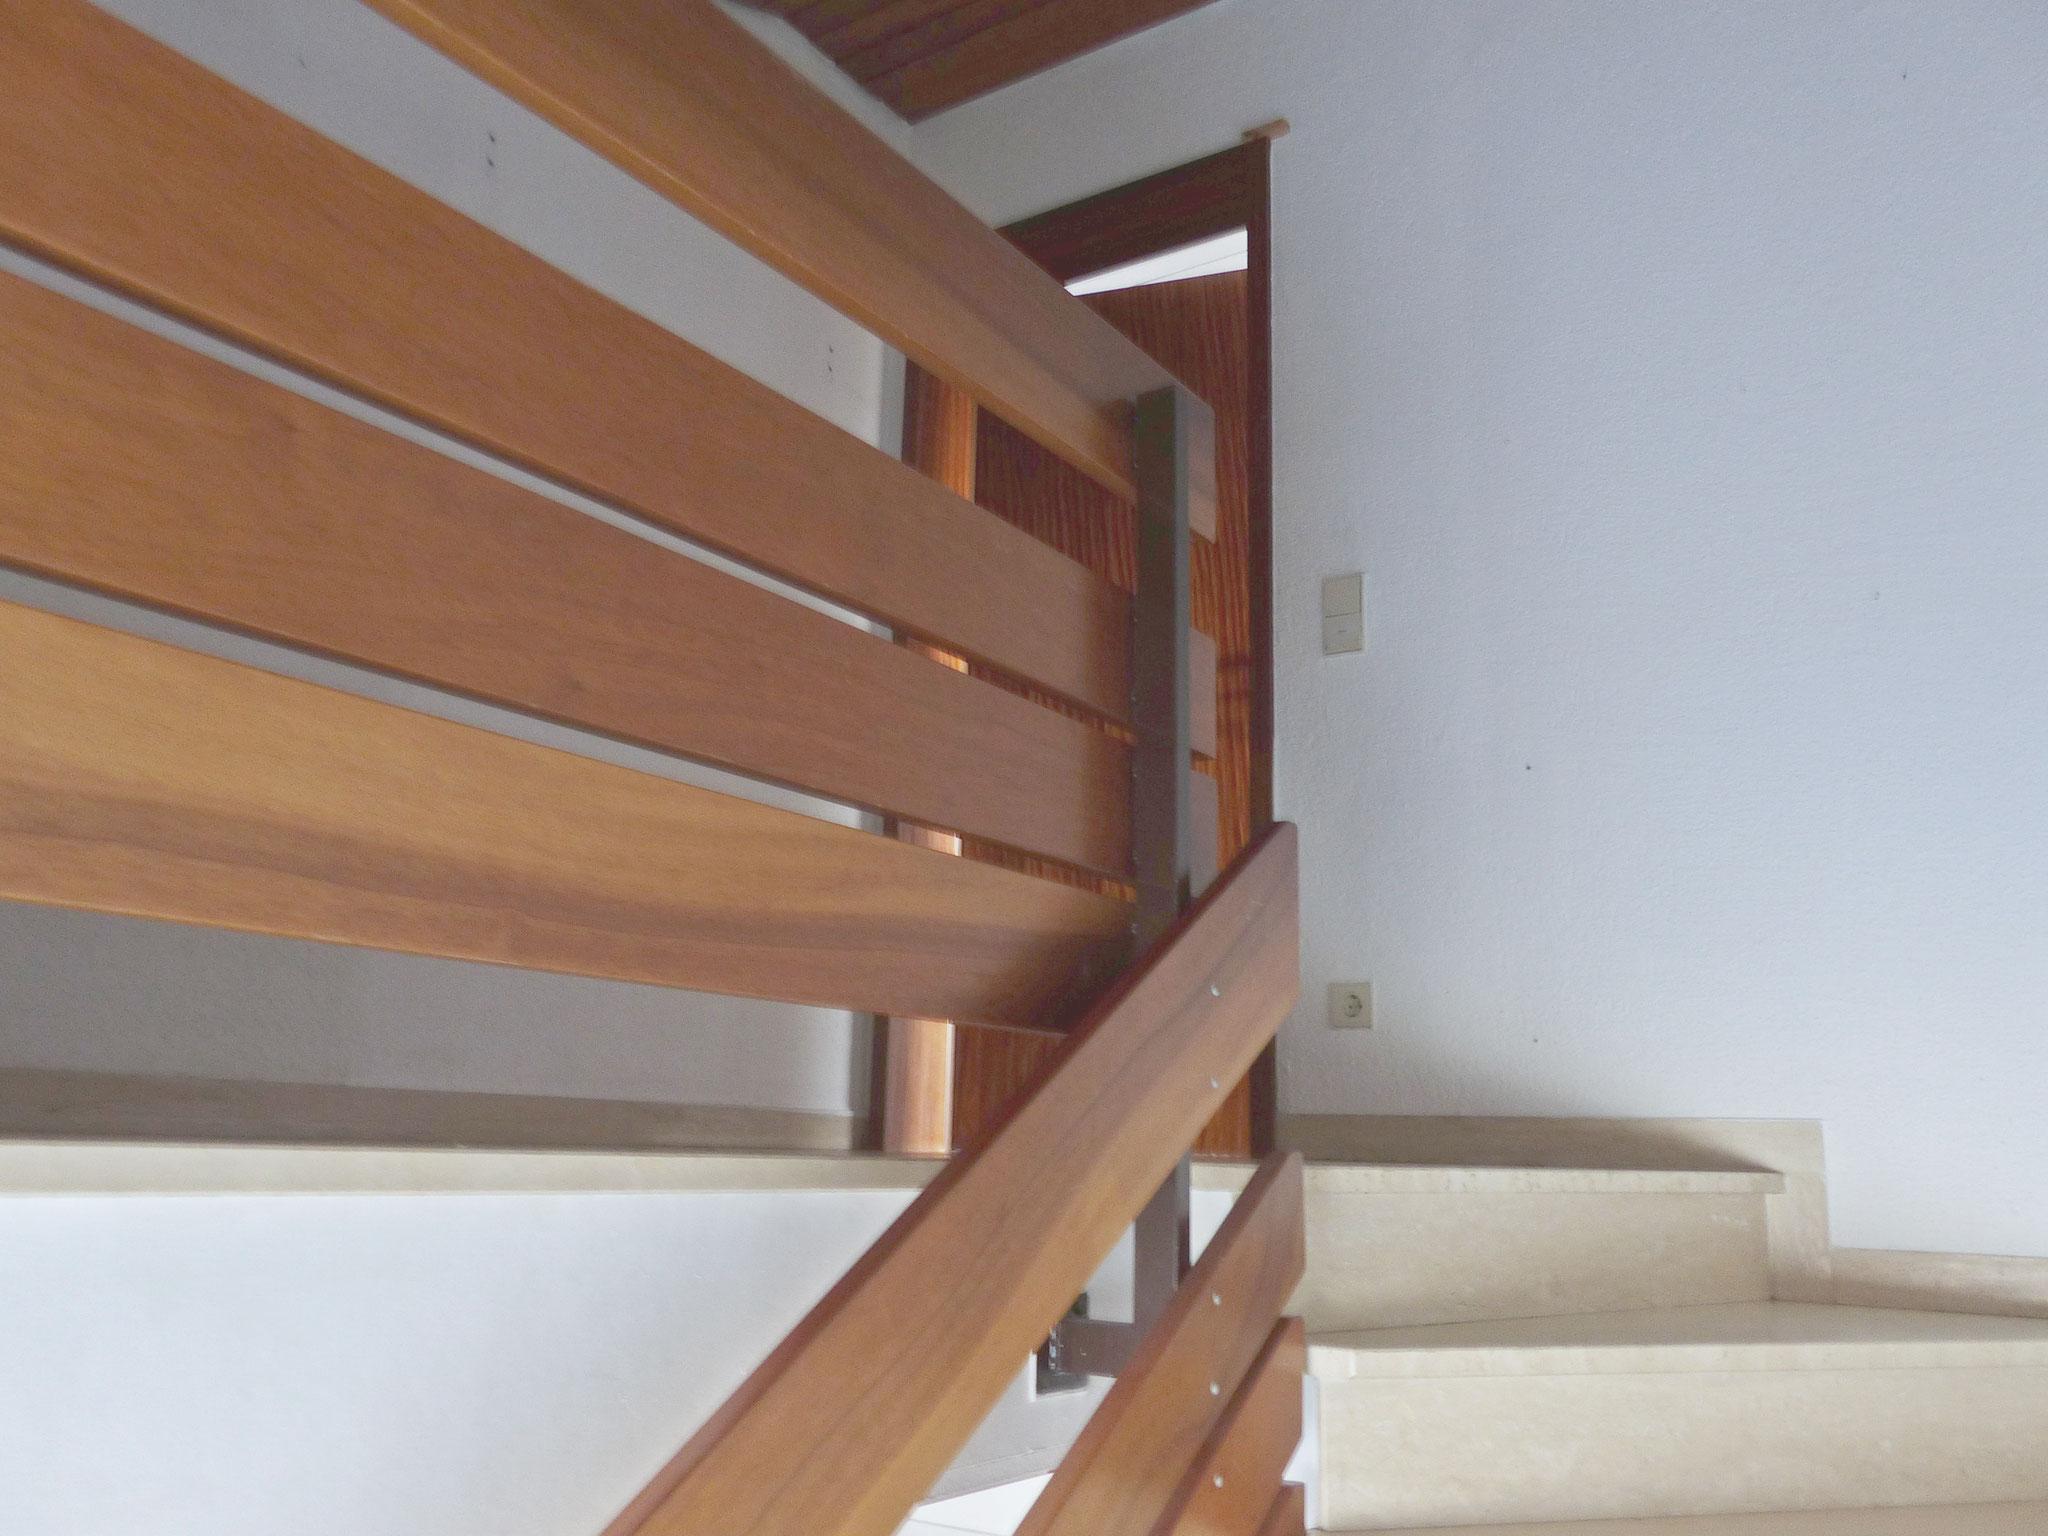 Treppenhaus zur DG-Wohnung